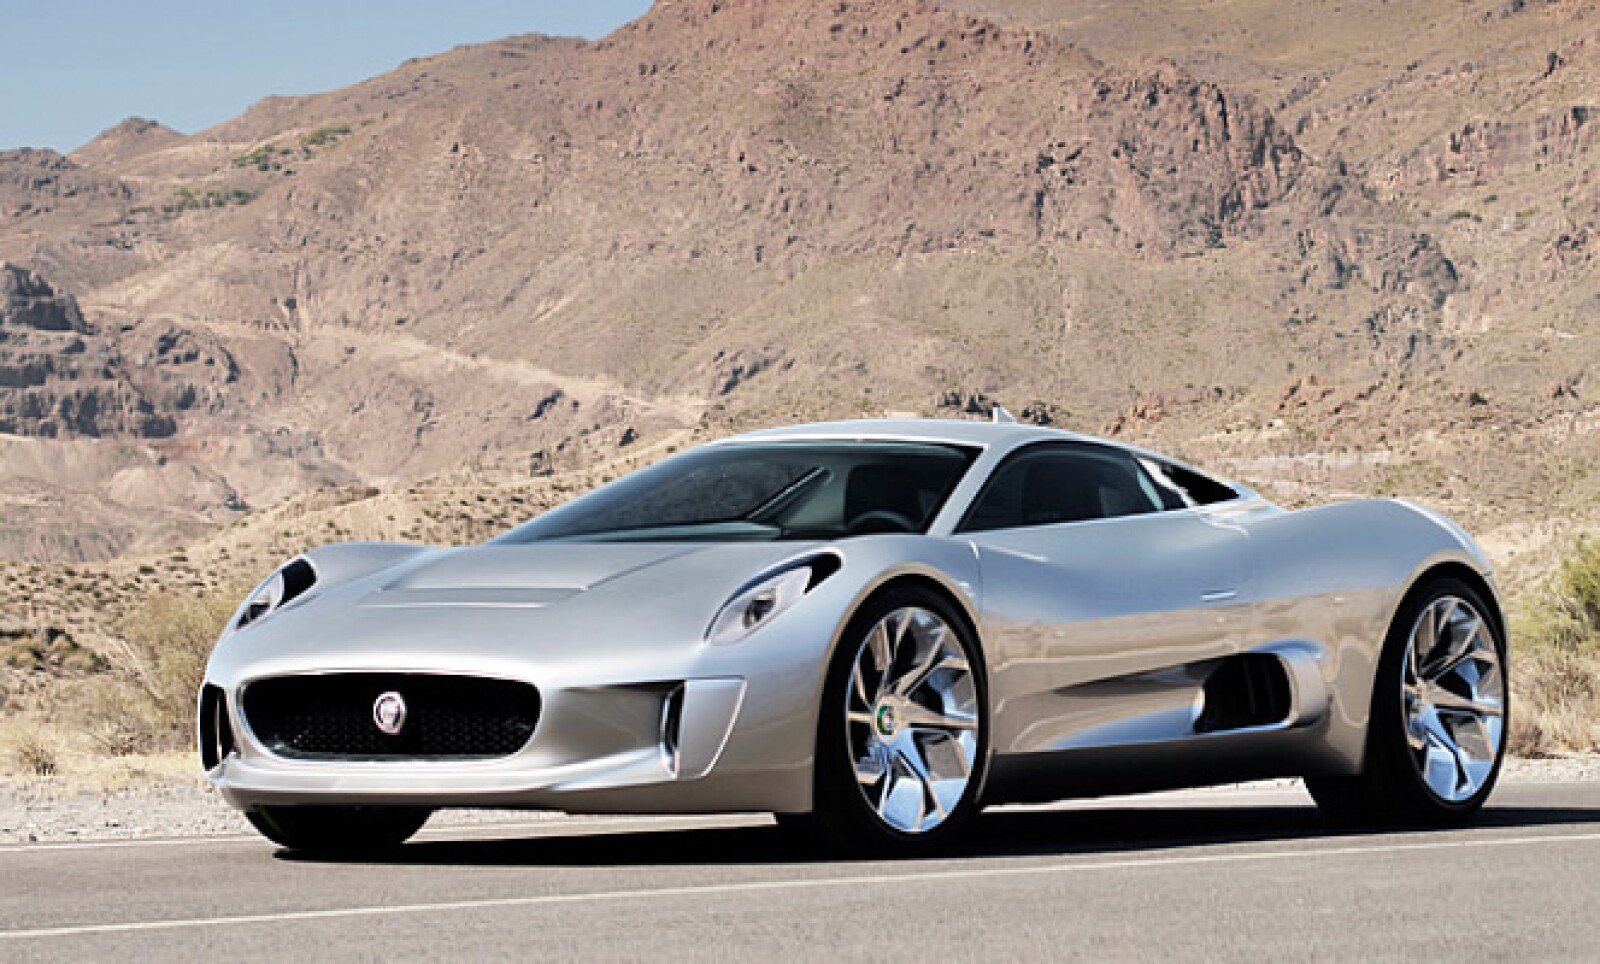 El vehículo tiene un rendimiento de 0 a 100 km/h en 3.4 segundos y alcanza una velocidad máxima de 330 km/h. Por cada kilómetro, el automóvil emite 28 gramos de bióxido de carbono.